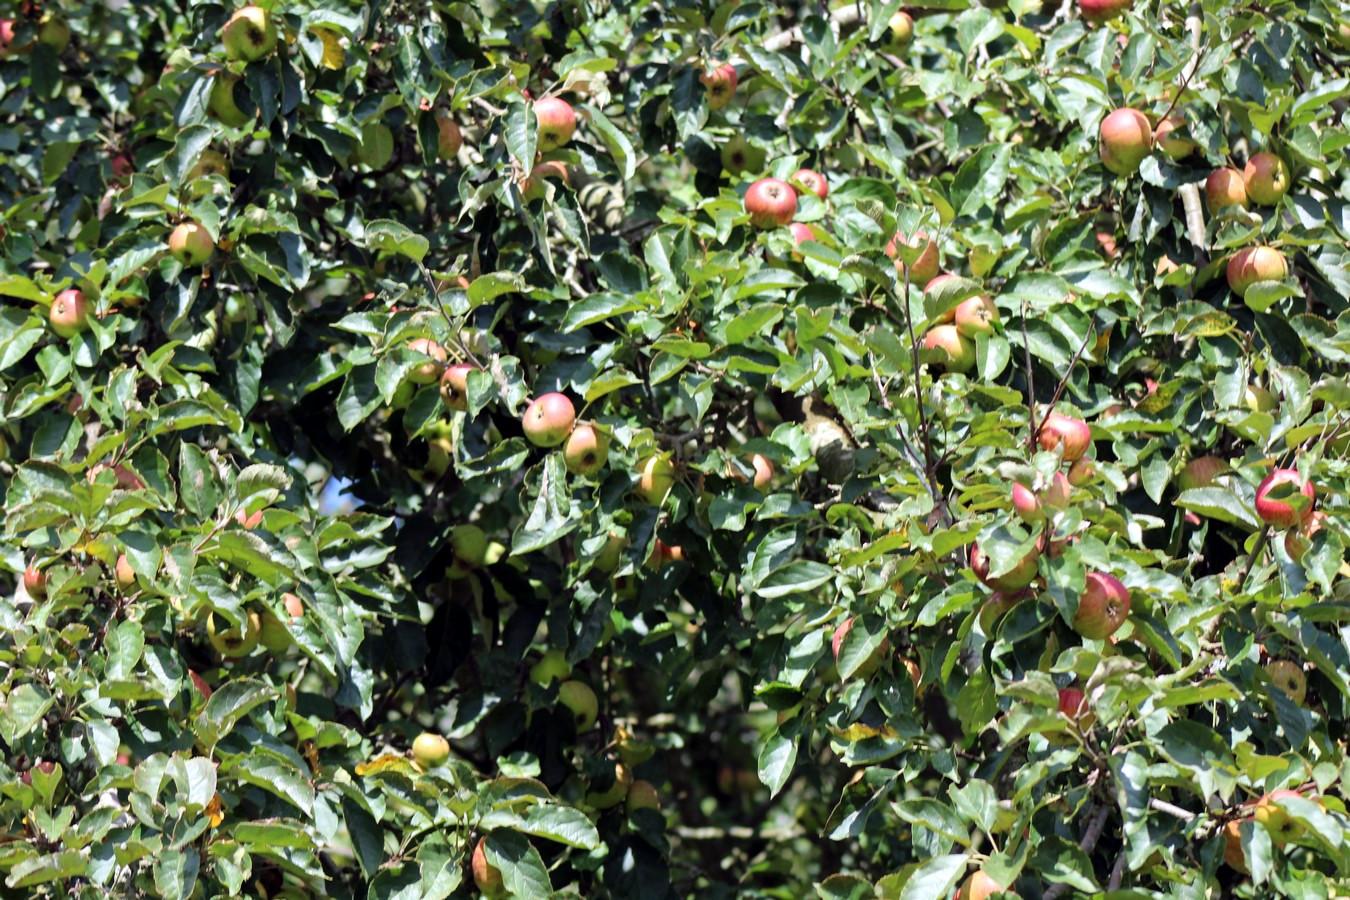 [Fil ouvert] Fruit sur l'arbre - Page 9 762440011Copier